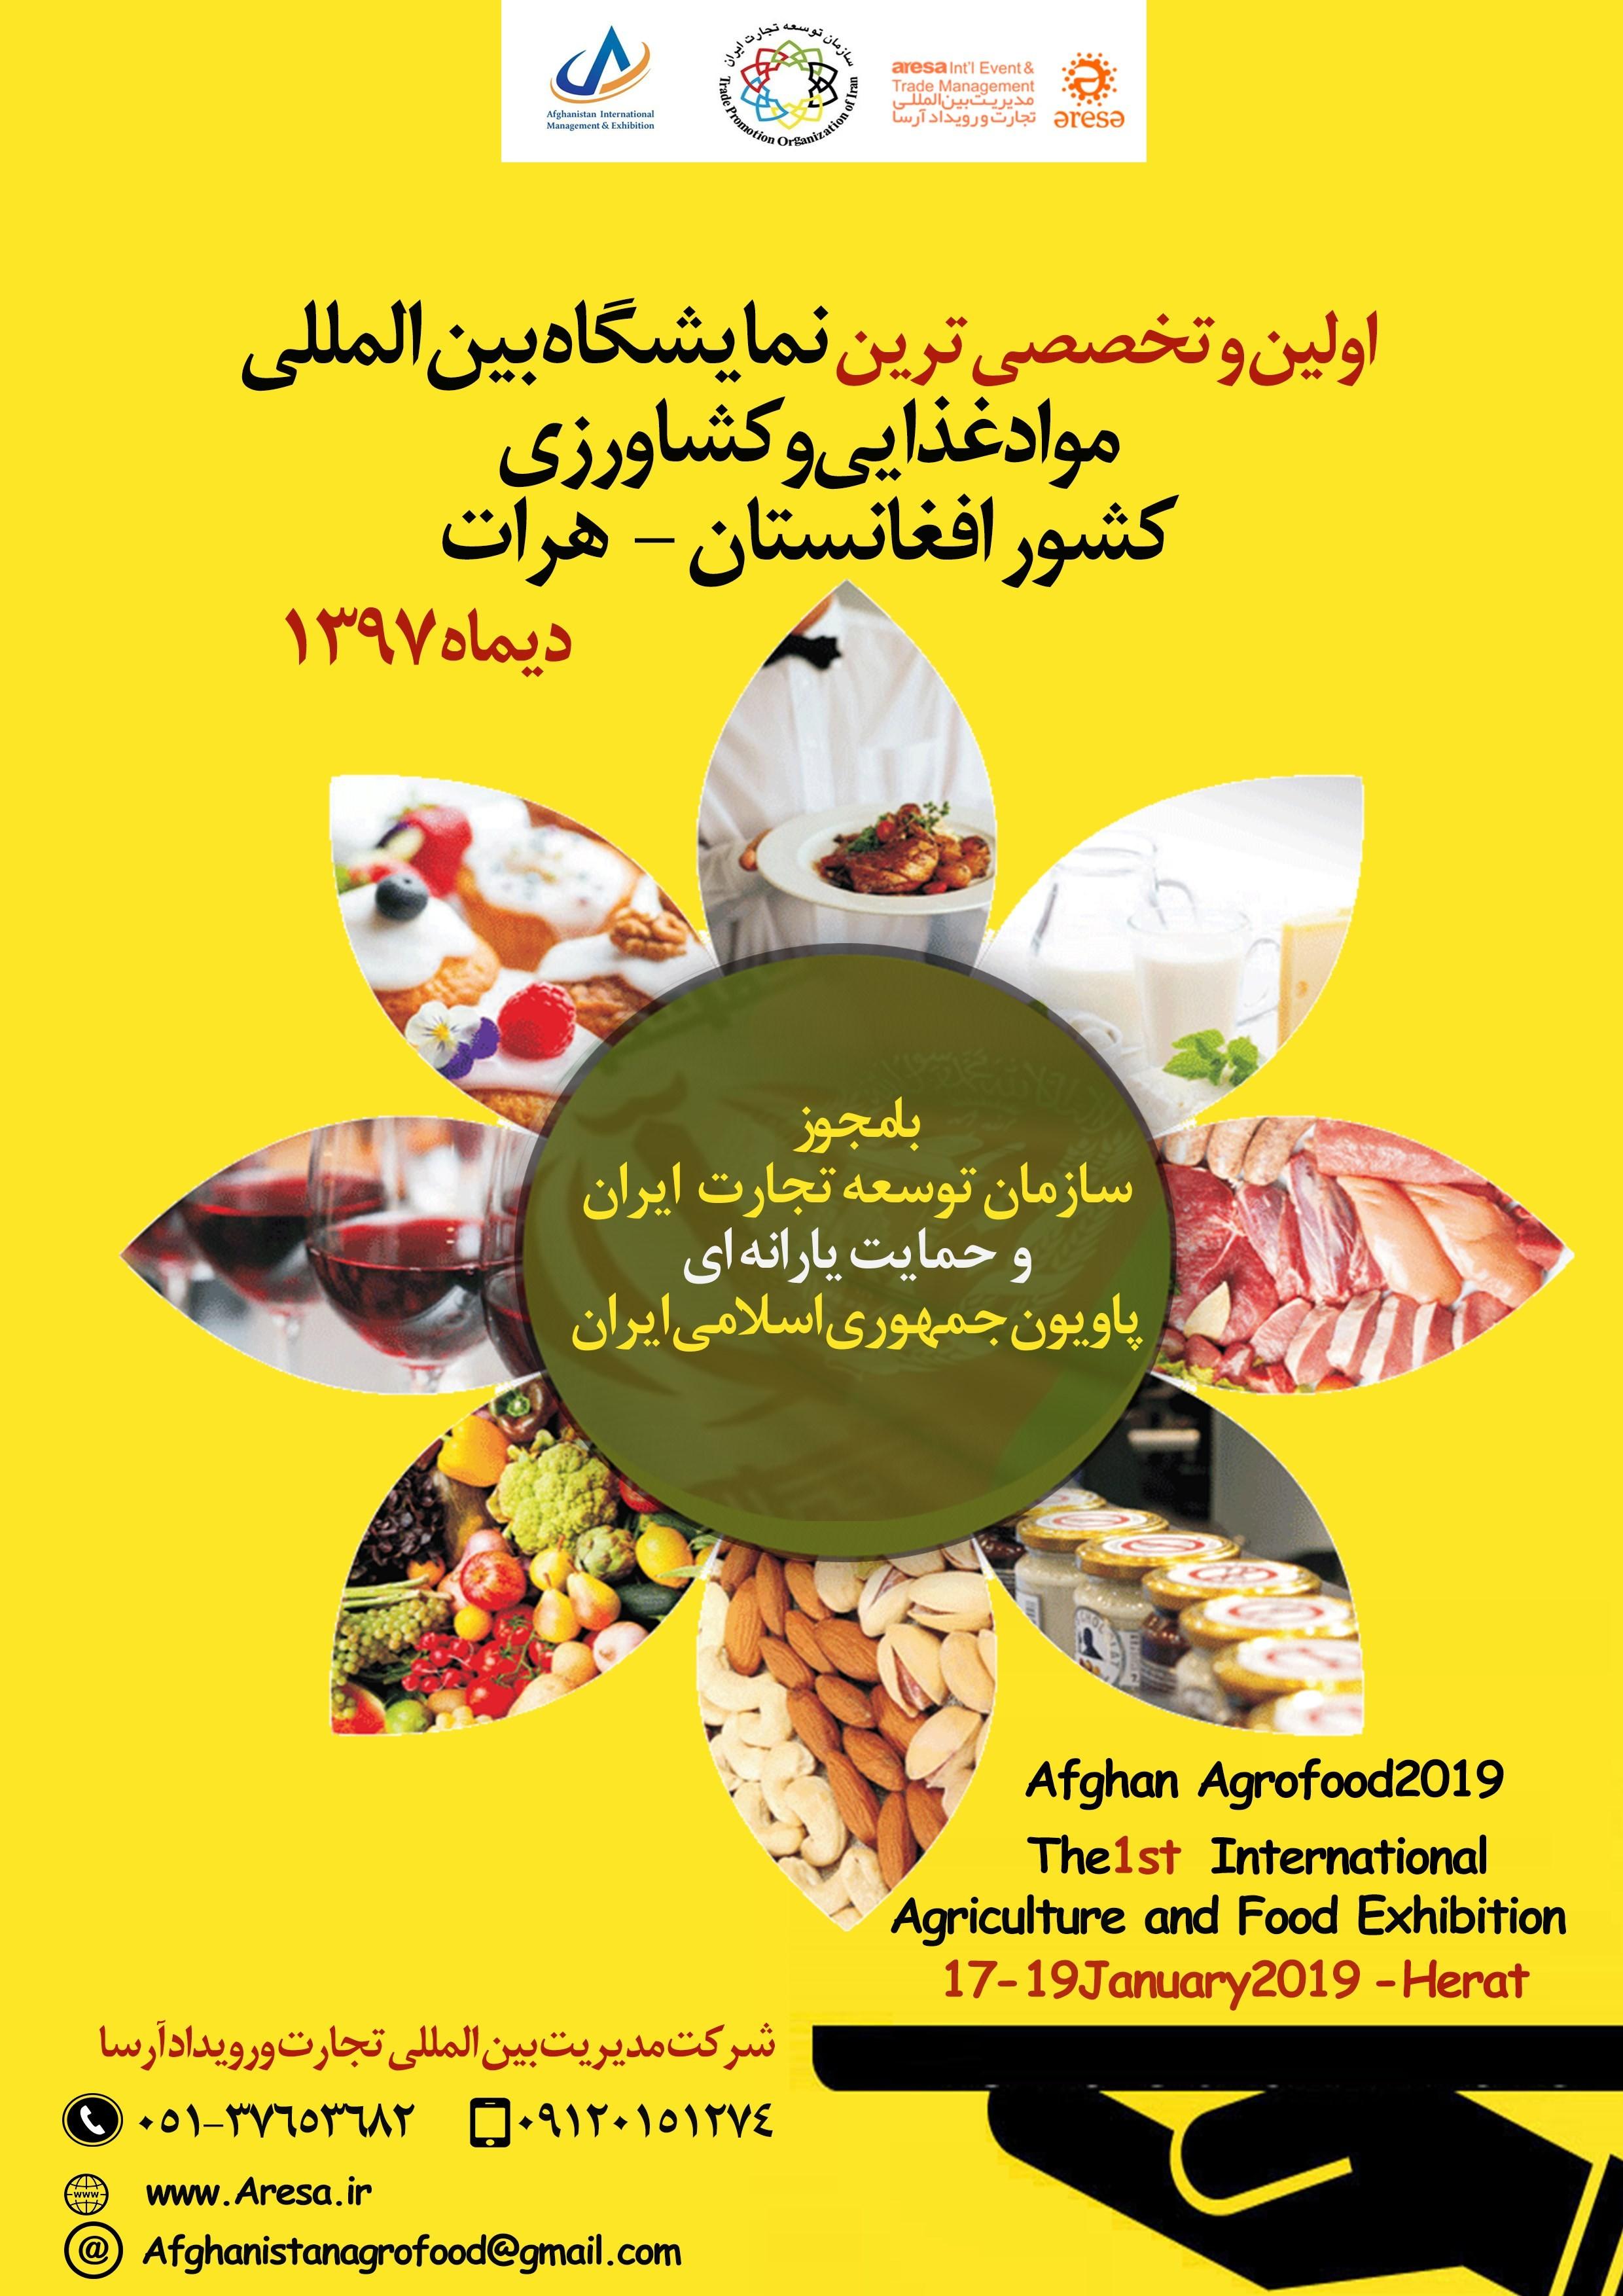 نمایشگاه مواد غذایی و کشاورزی افغانستان